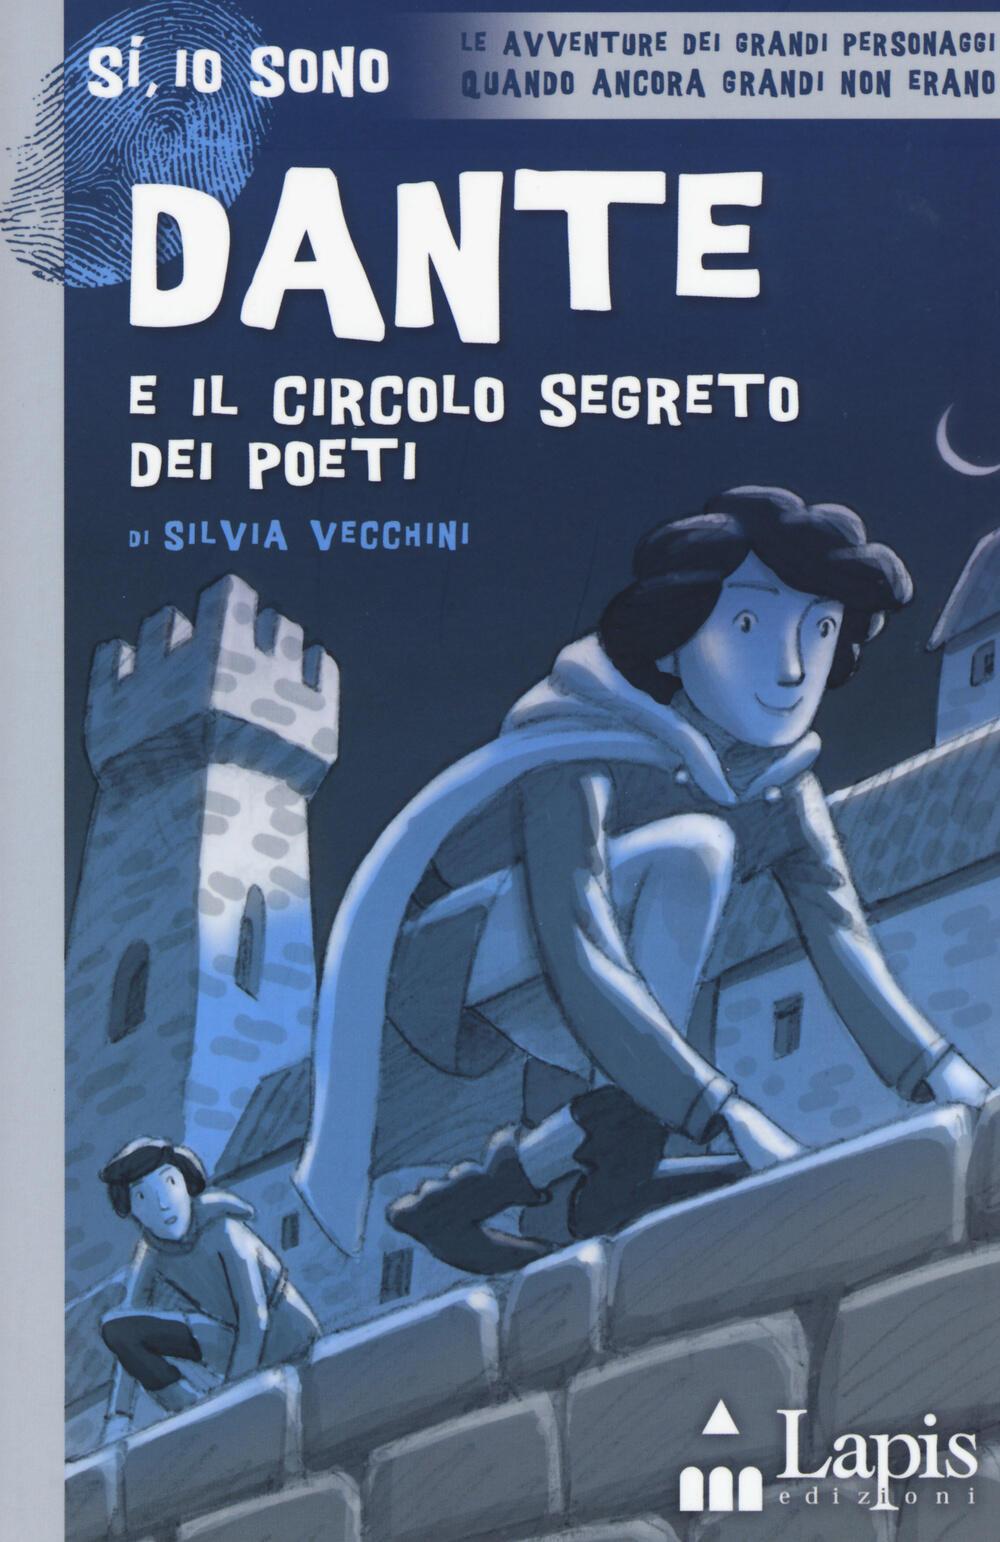 Dante e il circolo segreto dei poeti silvia vecchini libro lapis s io sono ibs - Il giardino segreto banana yoshimoto ...